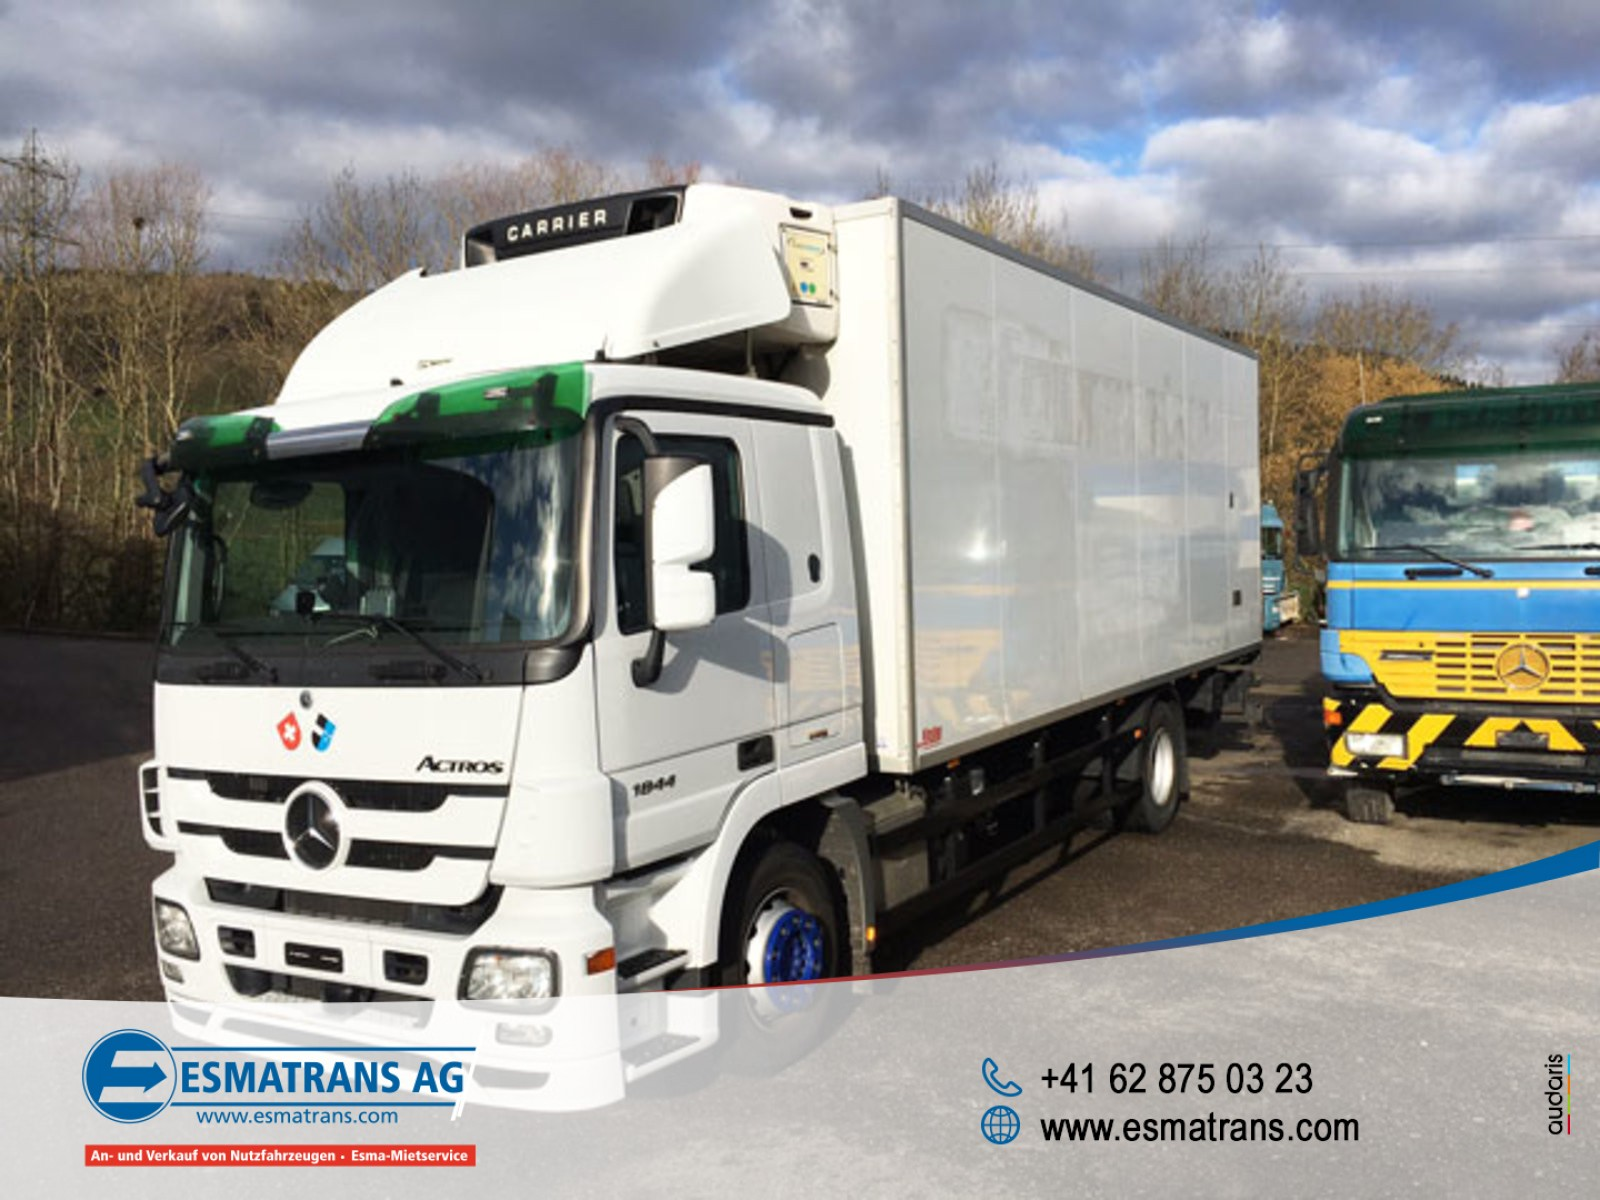 FRAN6306_882825 vehicle image